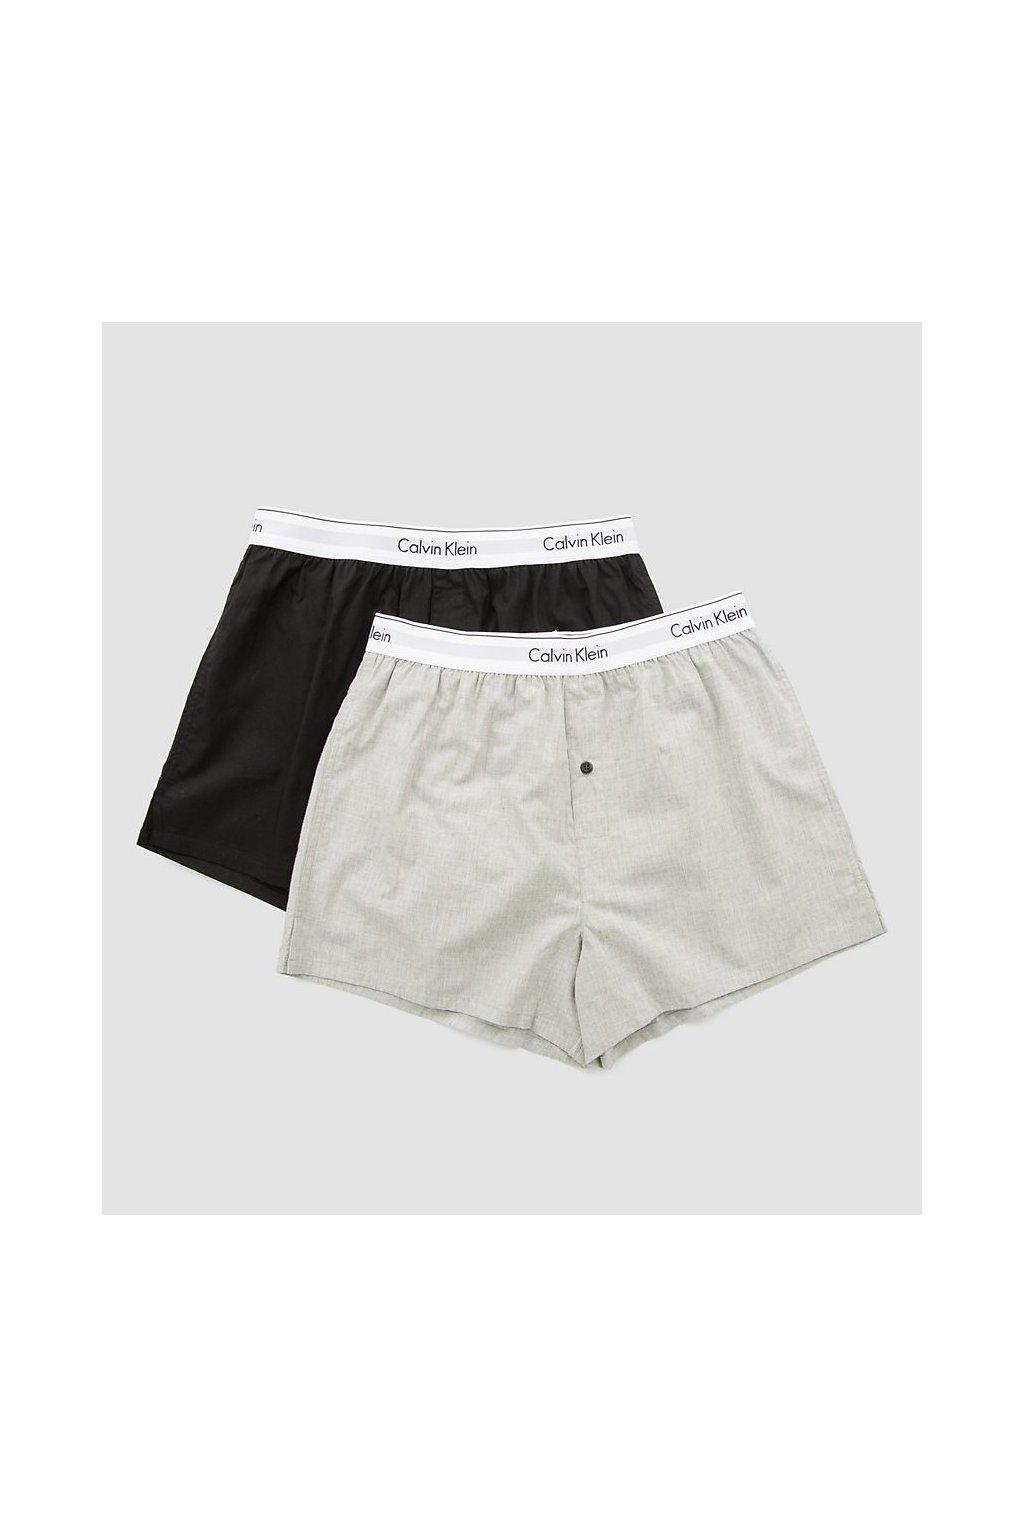 Calvin Klein 2Pack Trenky Black&Grey